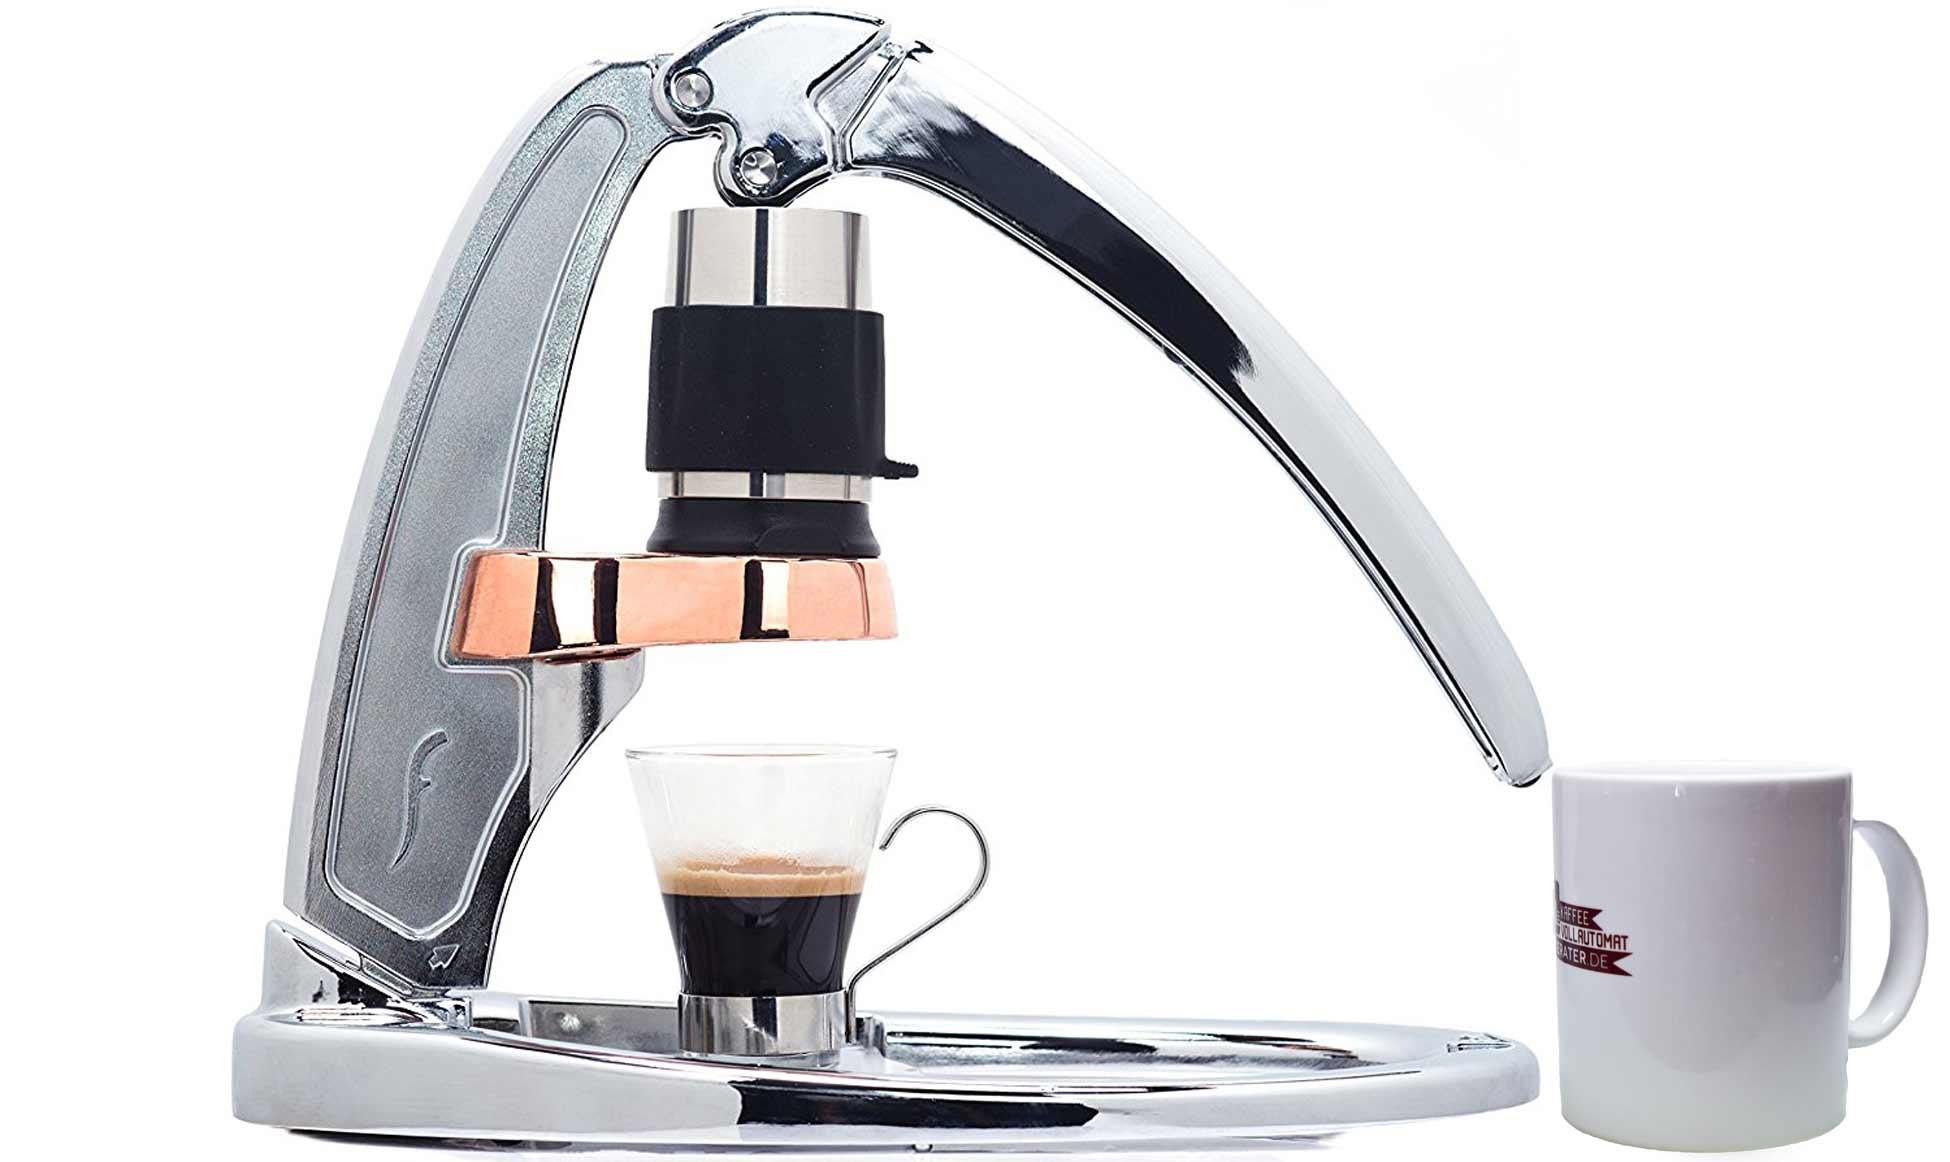 flair espresso maker die exklusive art einen espresso herzustellen. Black Bedroom Furniture Sets. Home Design Ideas